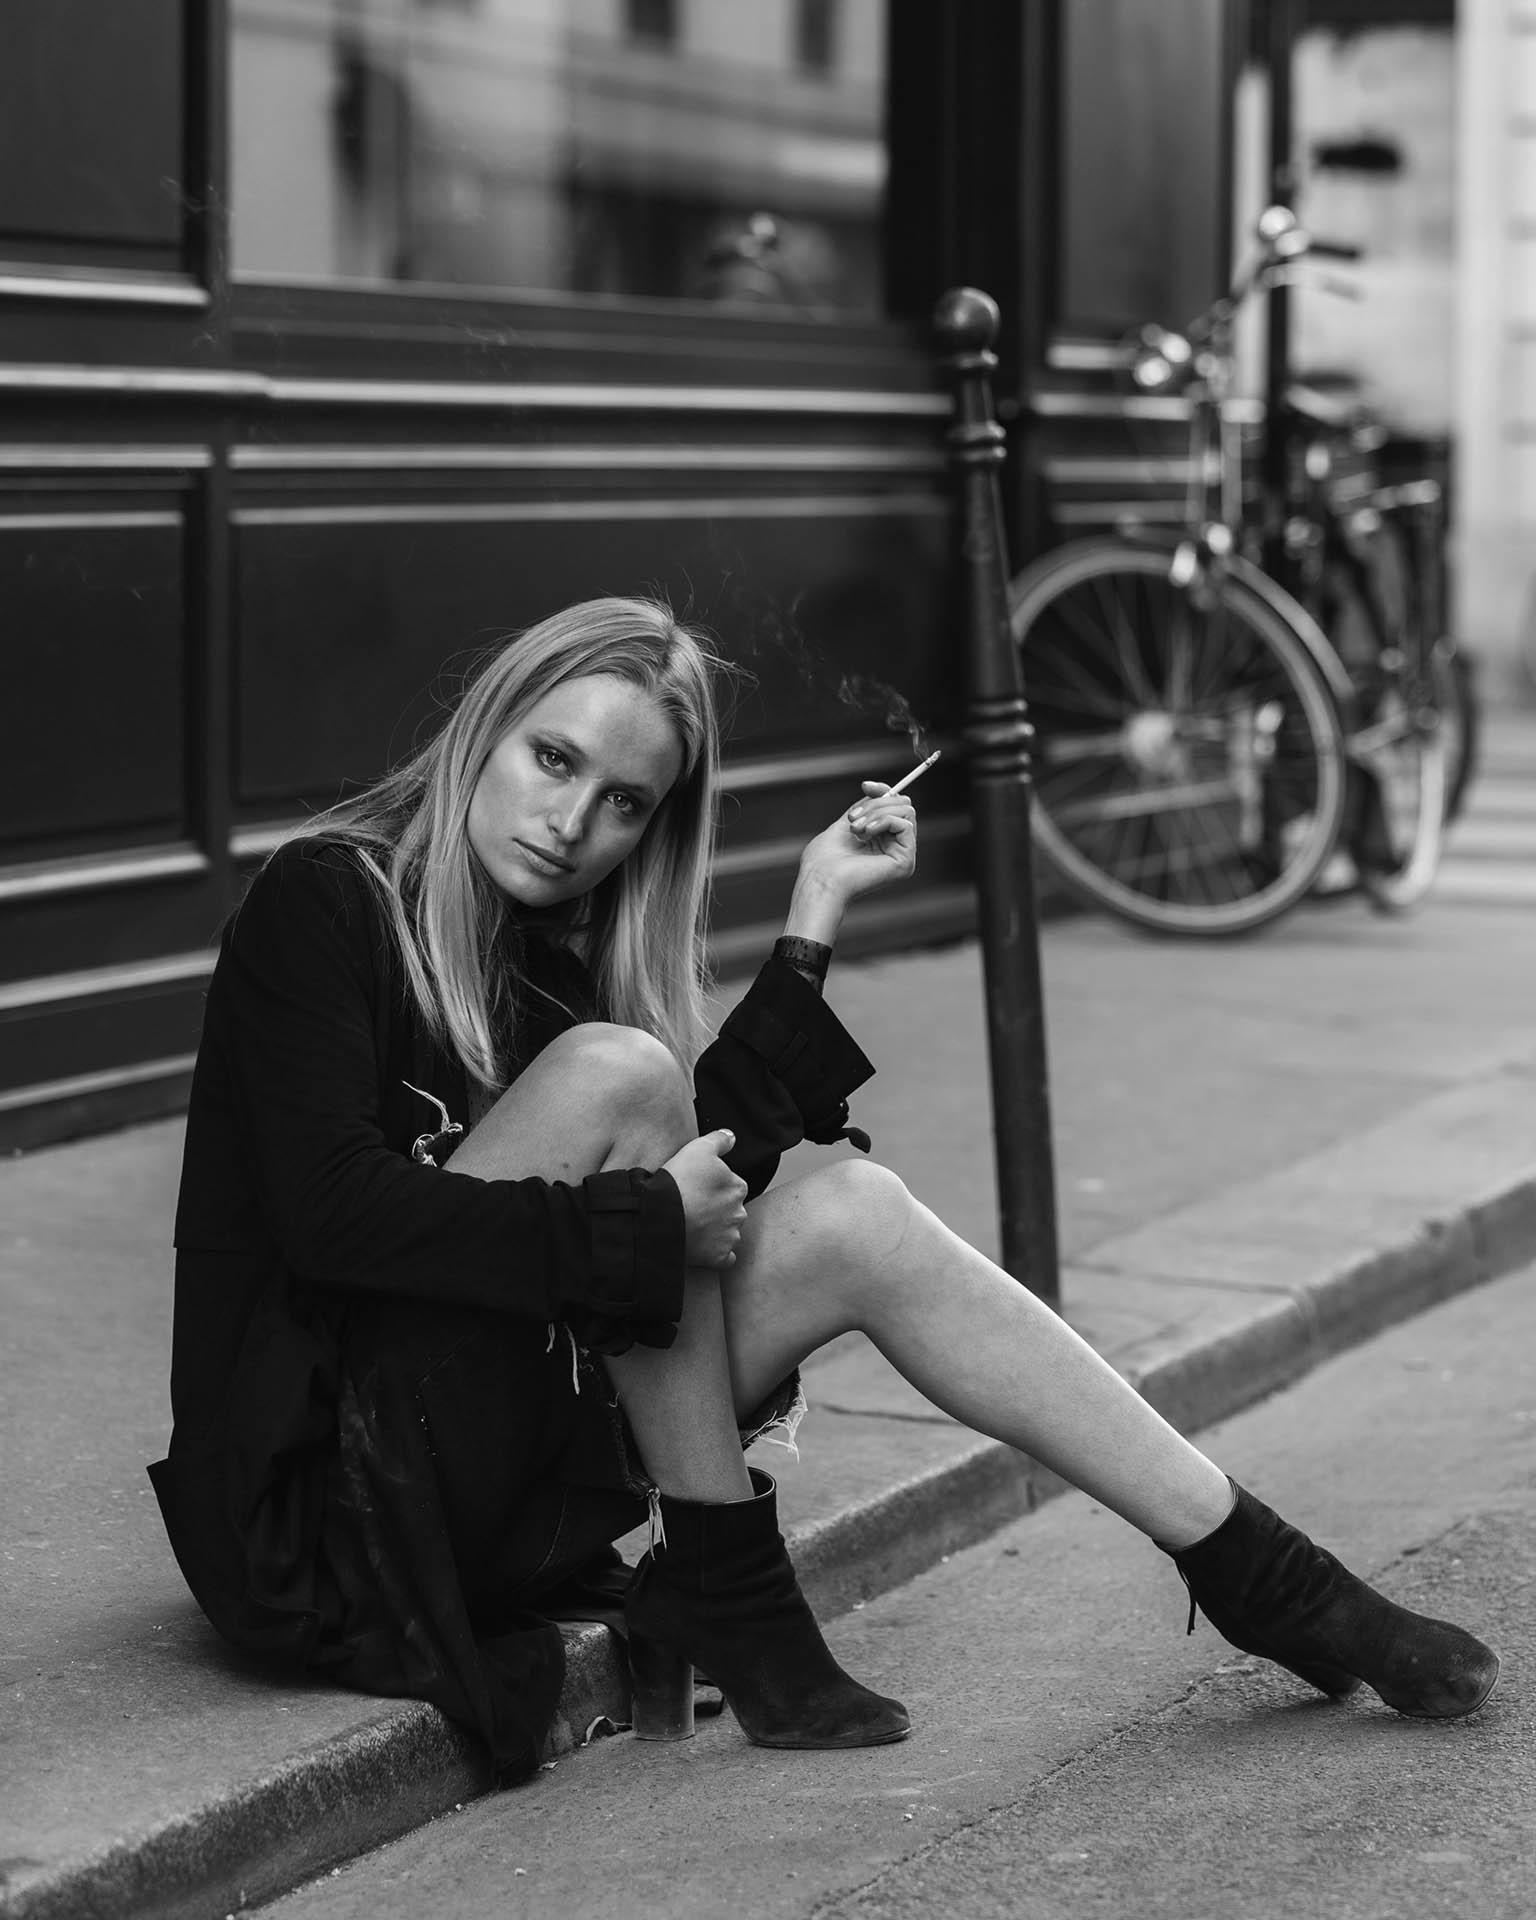 Antoinette M